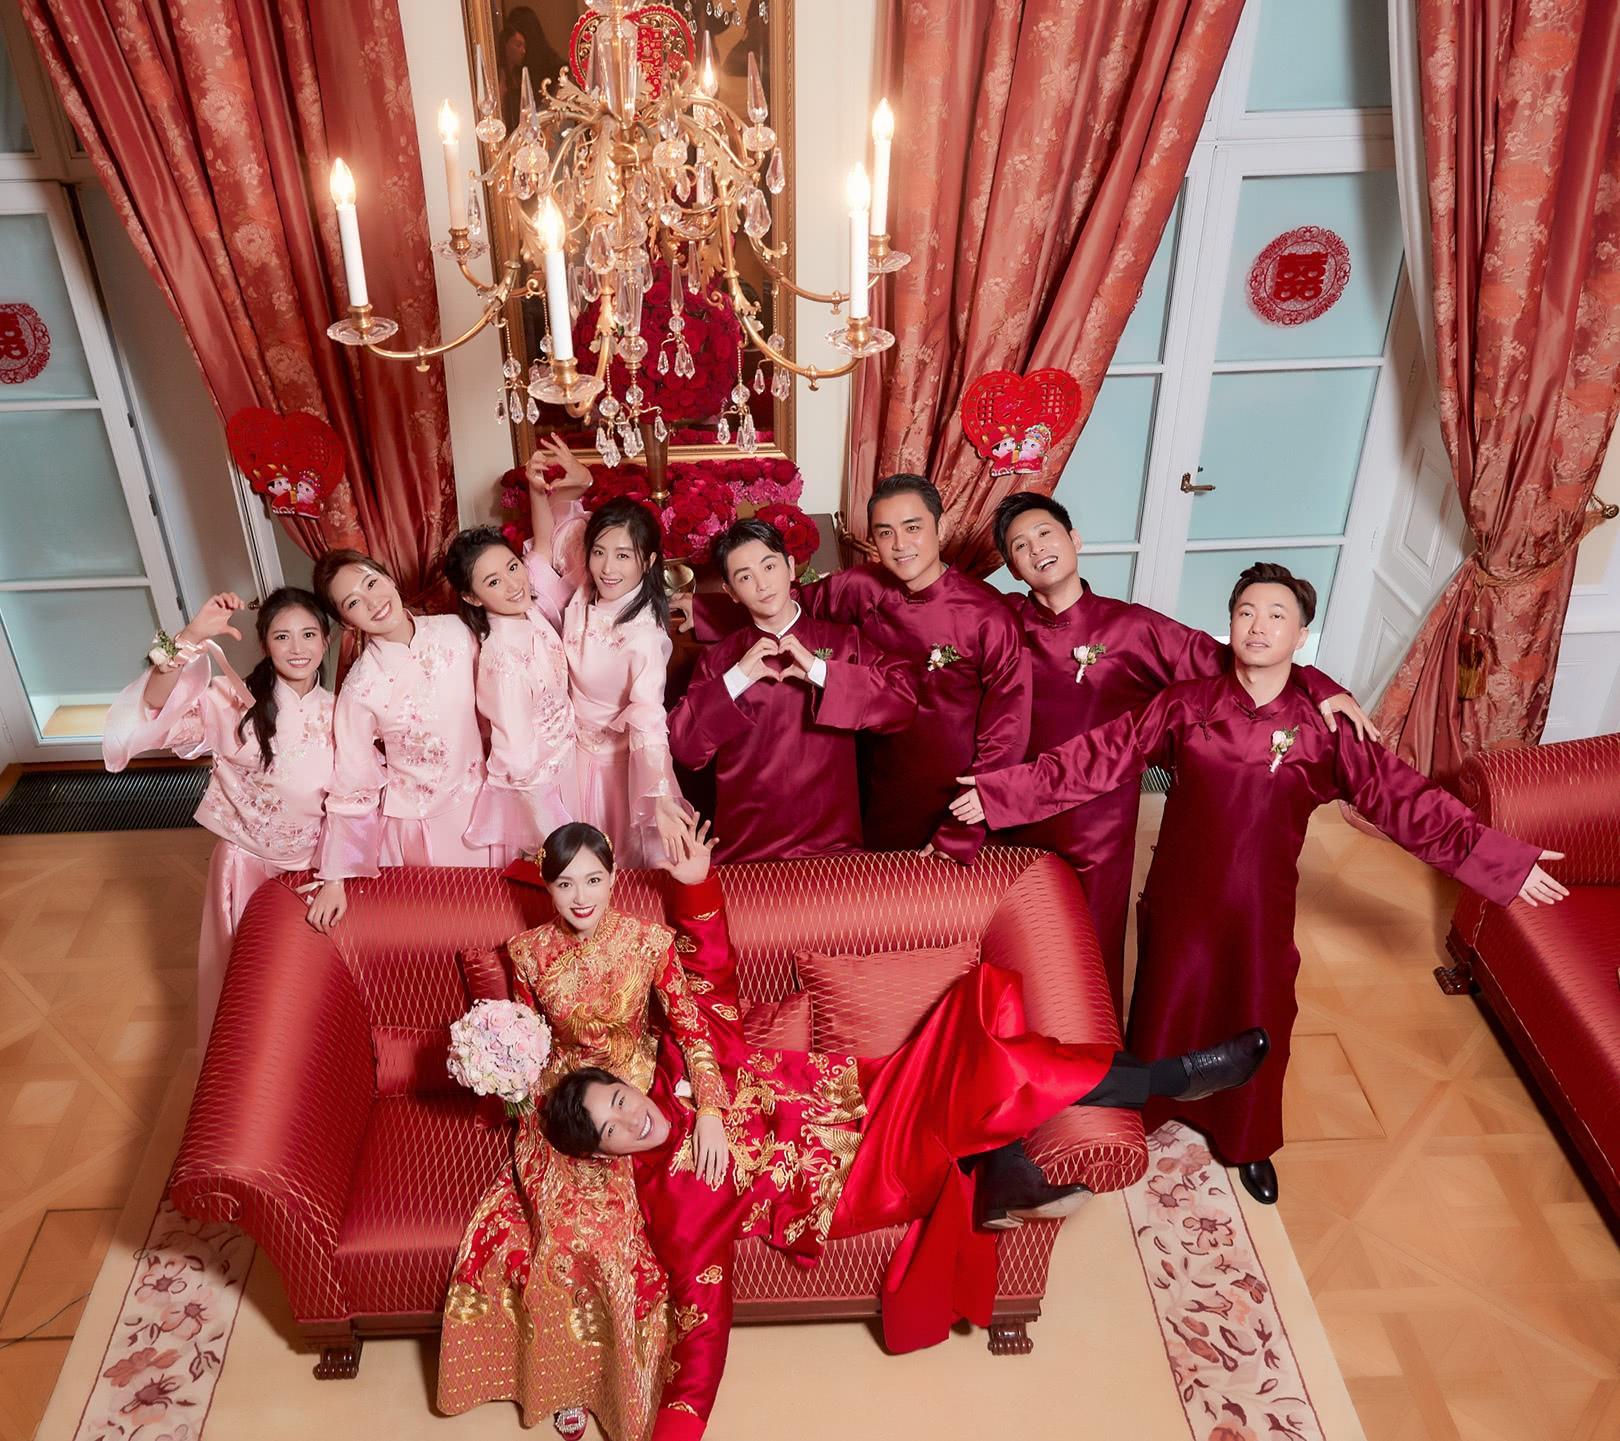 罗晋唐嫣婚礼内景细节曝光富丽堂皇庄重神圣有如宫廷婚礼